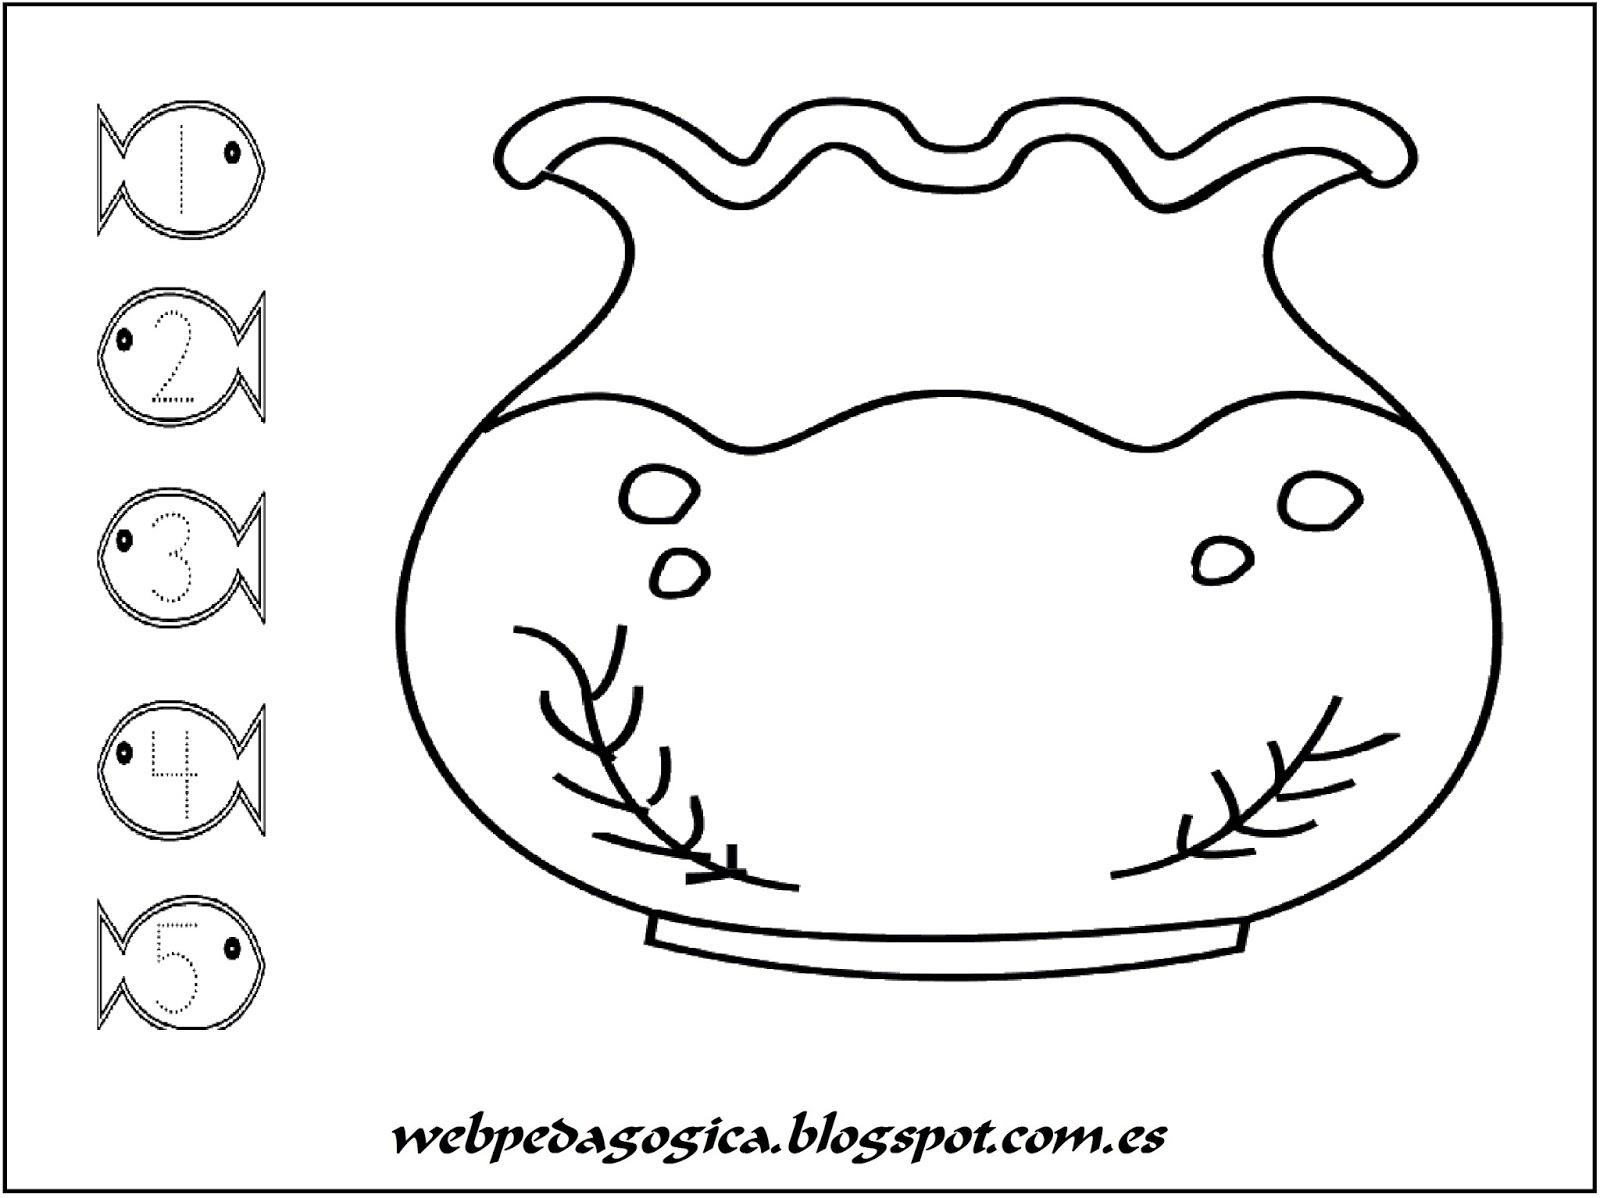 Dibujos De Peces Para Imprimir Y Colorear: Imagenes De Peces Para Colorear